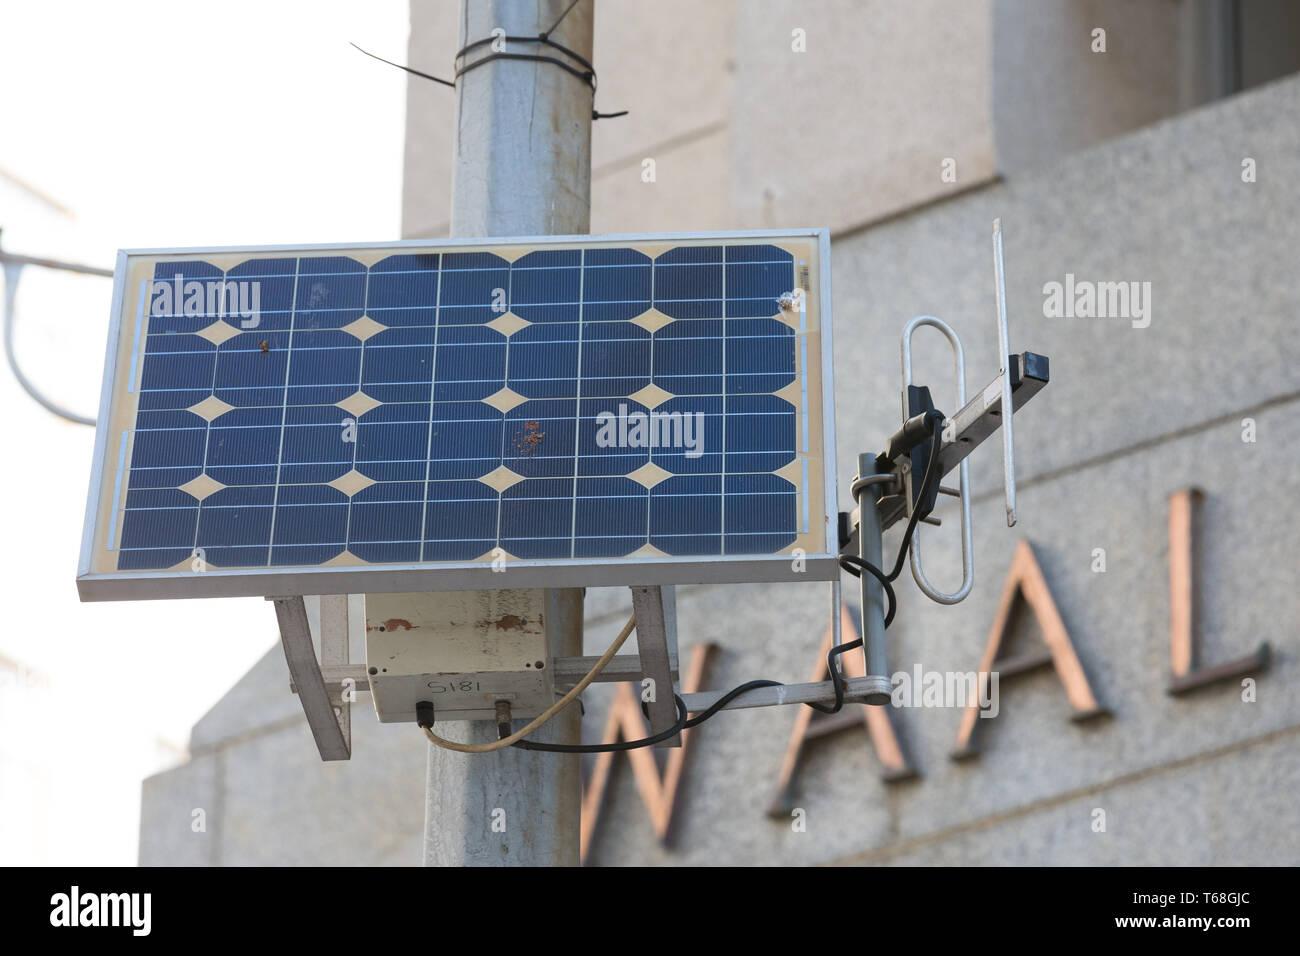 Photovoltaik Panel auf einen Laternenpfahl oder Pol in die Innenstadt von Kapstadt Konzept Technologie in Afrika und nachhaltiger erneuerbarer Energie Stockbild